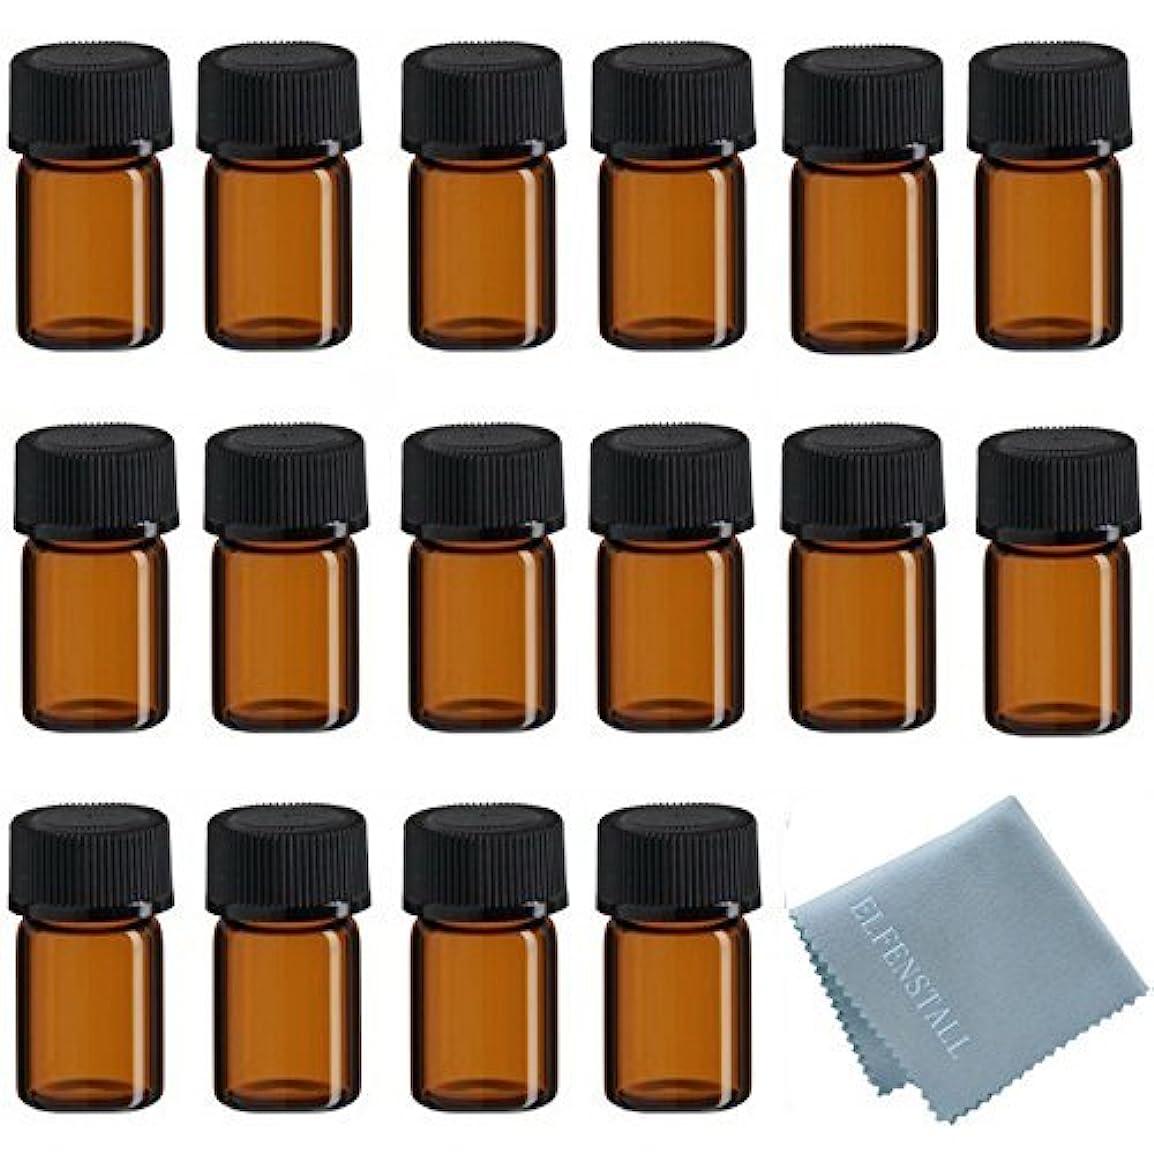 味付けスペードおっとELFENSTALL 50Pcs 2ml Oil Bottles for Essential Oils (5/8 Dram) Amber Glass Vials Bottles, with Orifice Reducers...